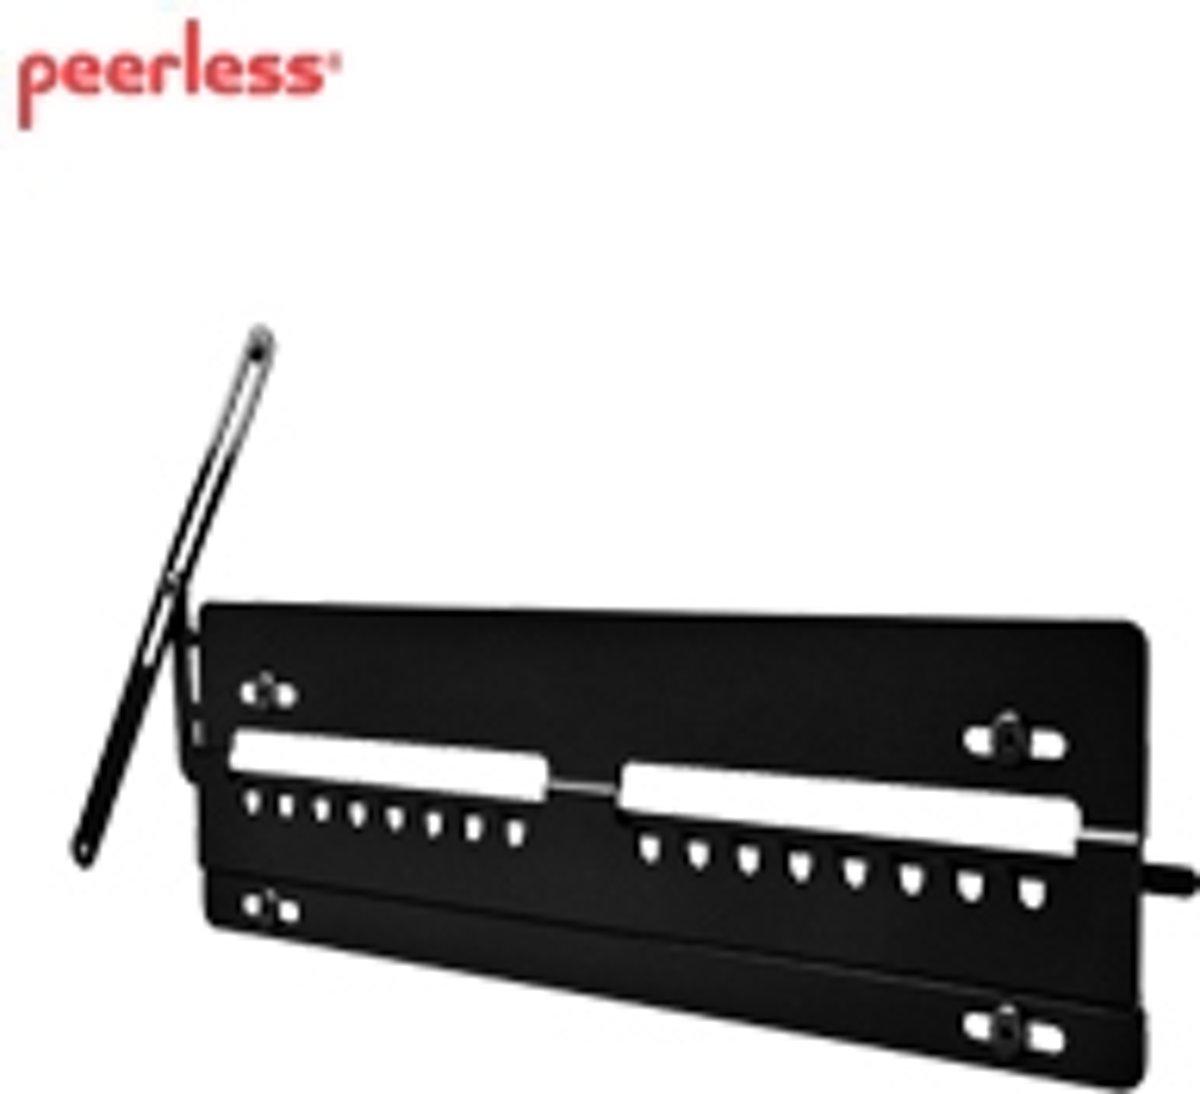 Peerless SUF641 - Kantelbare muurbeugel - Geschikt voor tv's van 23 t/m 46 inch - Zwart kopen